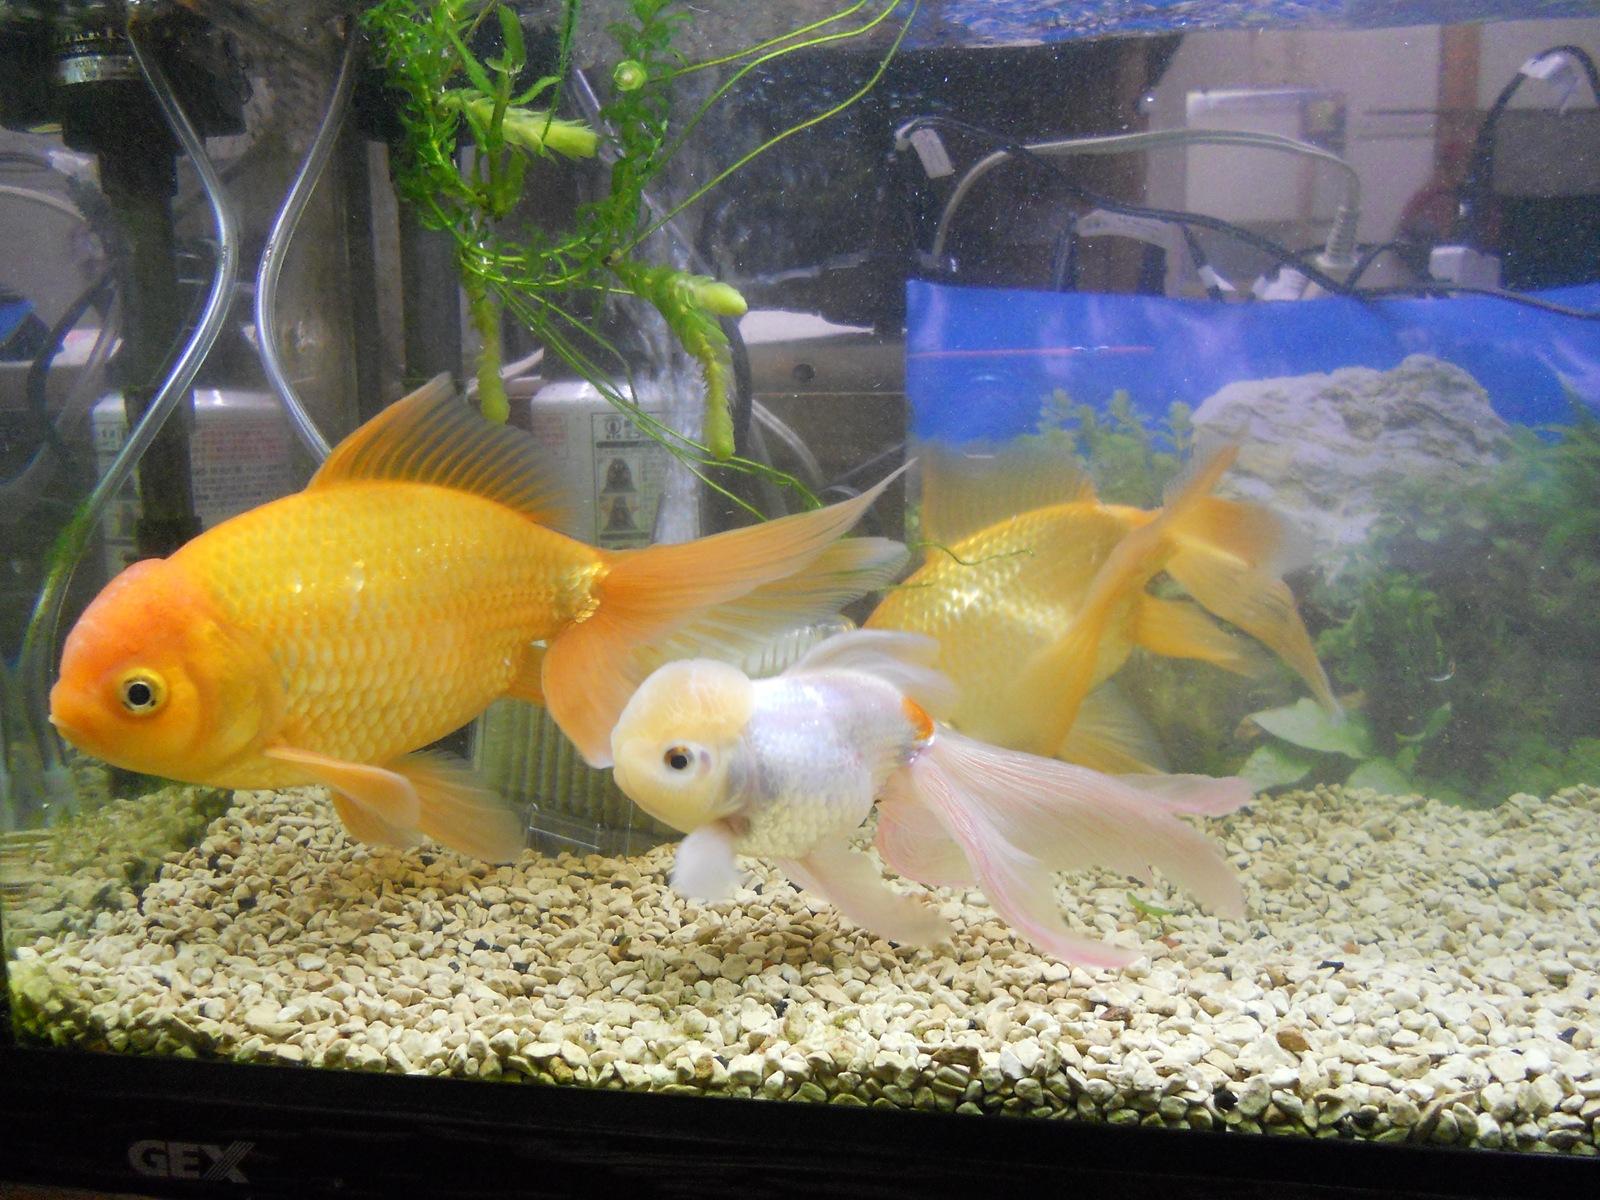 金魚の病気治療と掃除:11.04.06